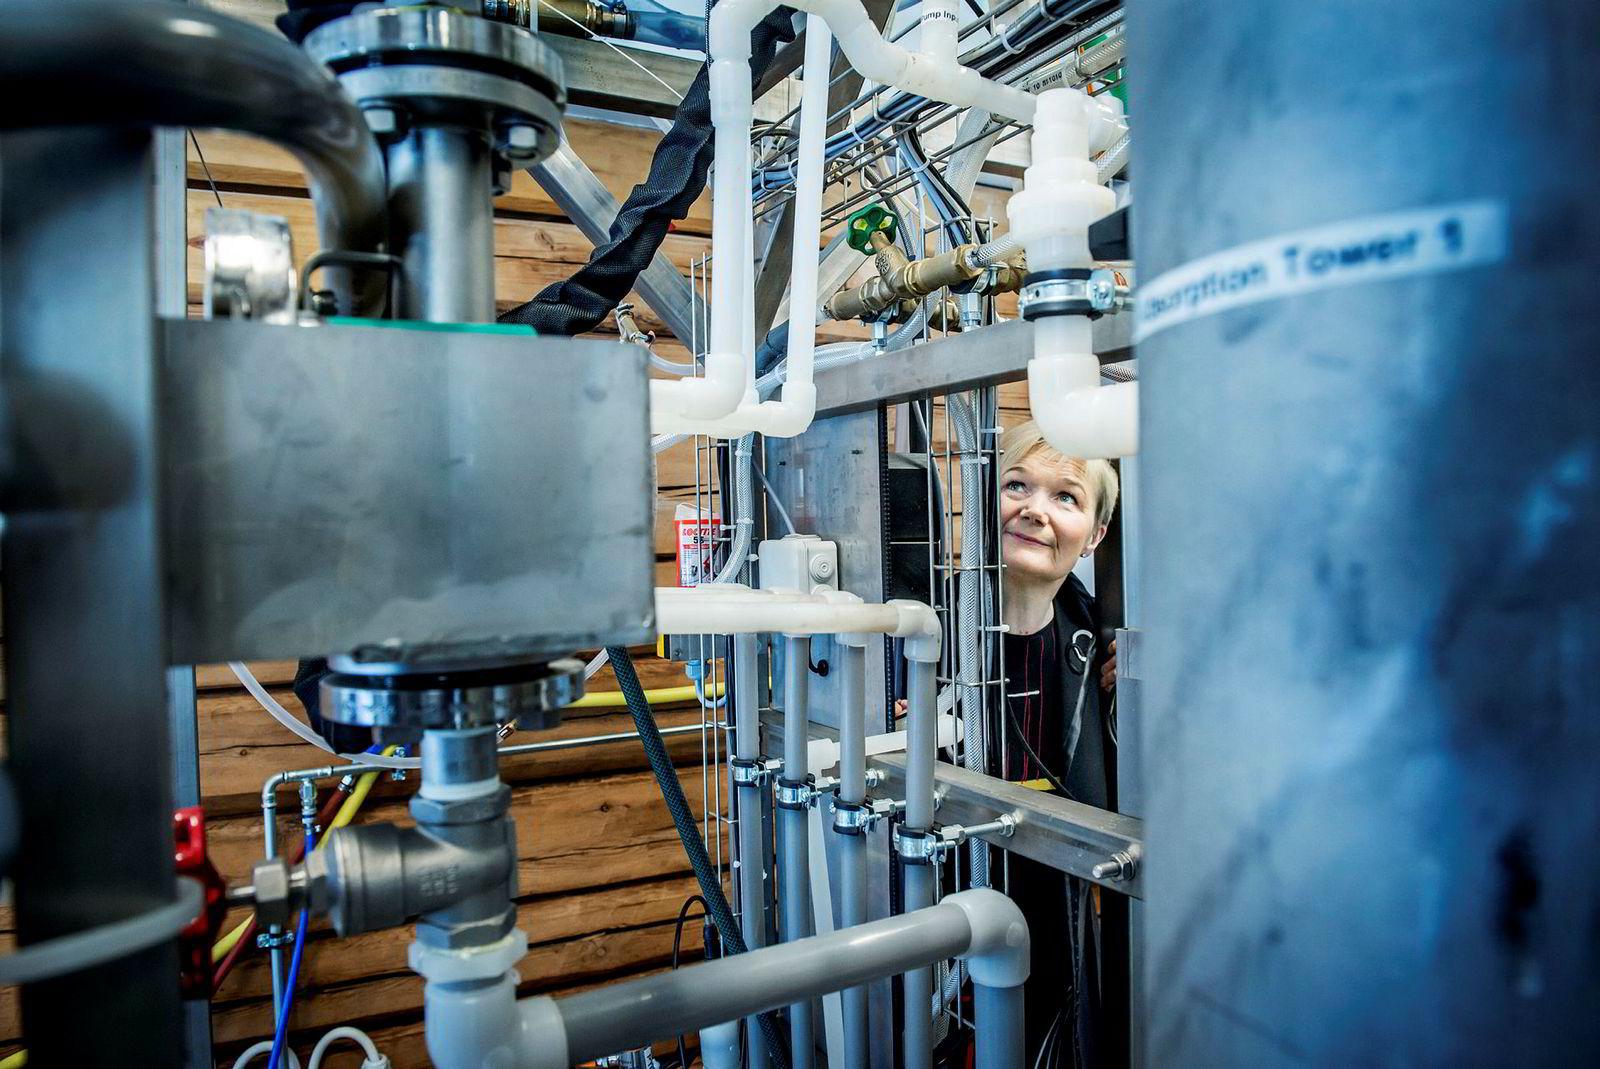 Sønsteby og Ingels har allerede en av disse plasmareaktorene plassert hos en grisebonde i Danmark som når våronna starter i vår skal gjøre om noe av møkka fra 95.000 griser til gjødsel. Luktfritt.